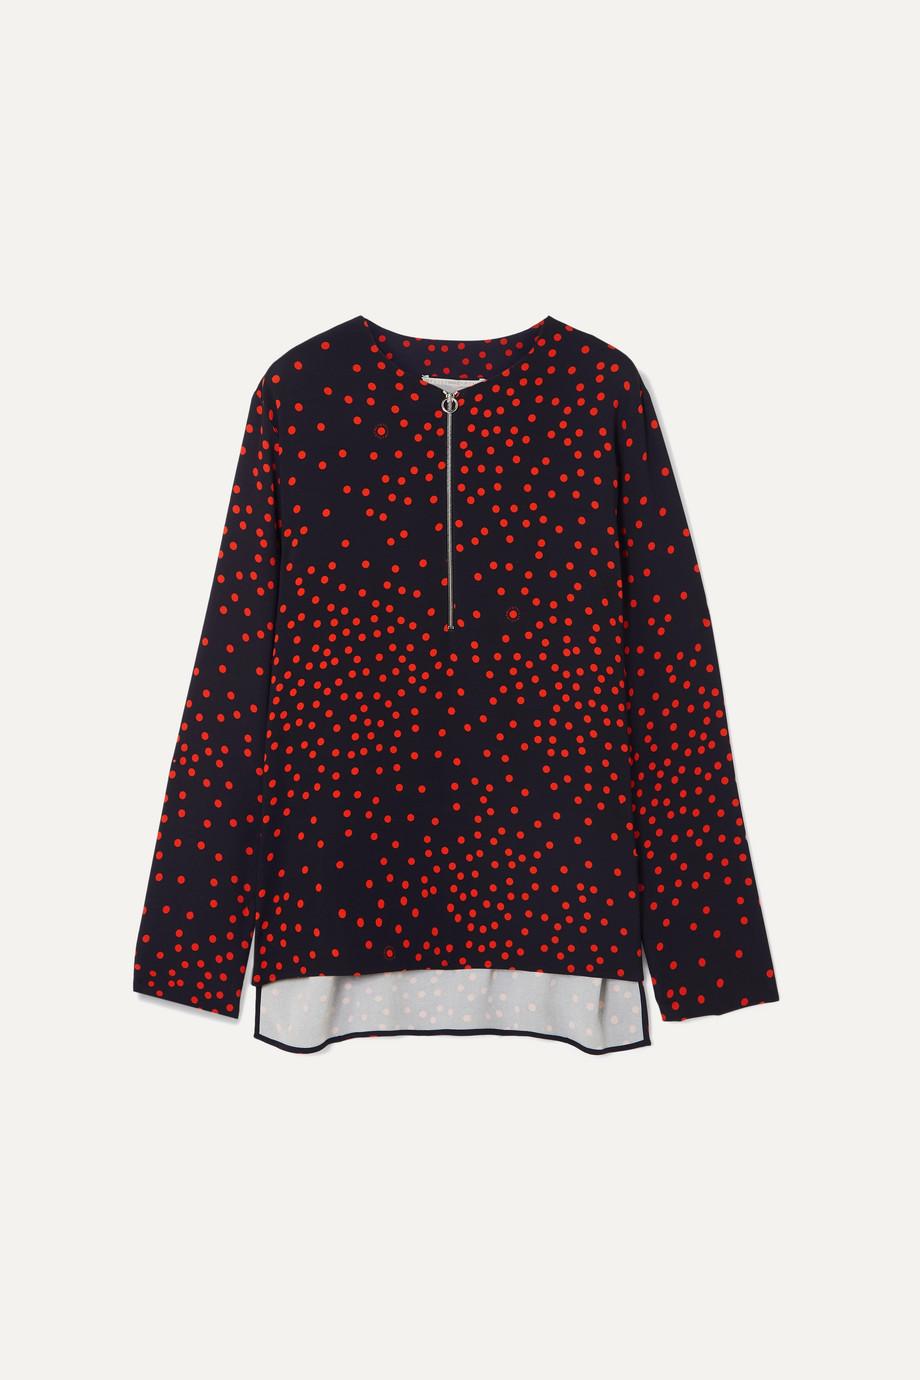 Stella McCartney + NET SUSTAIN polka-dot crepe blouse